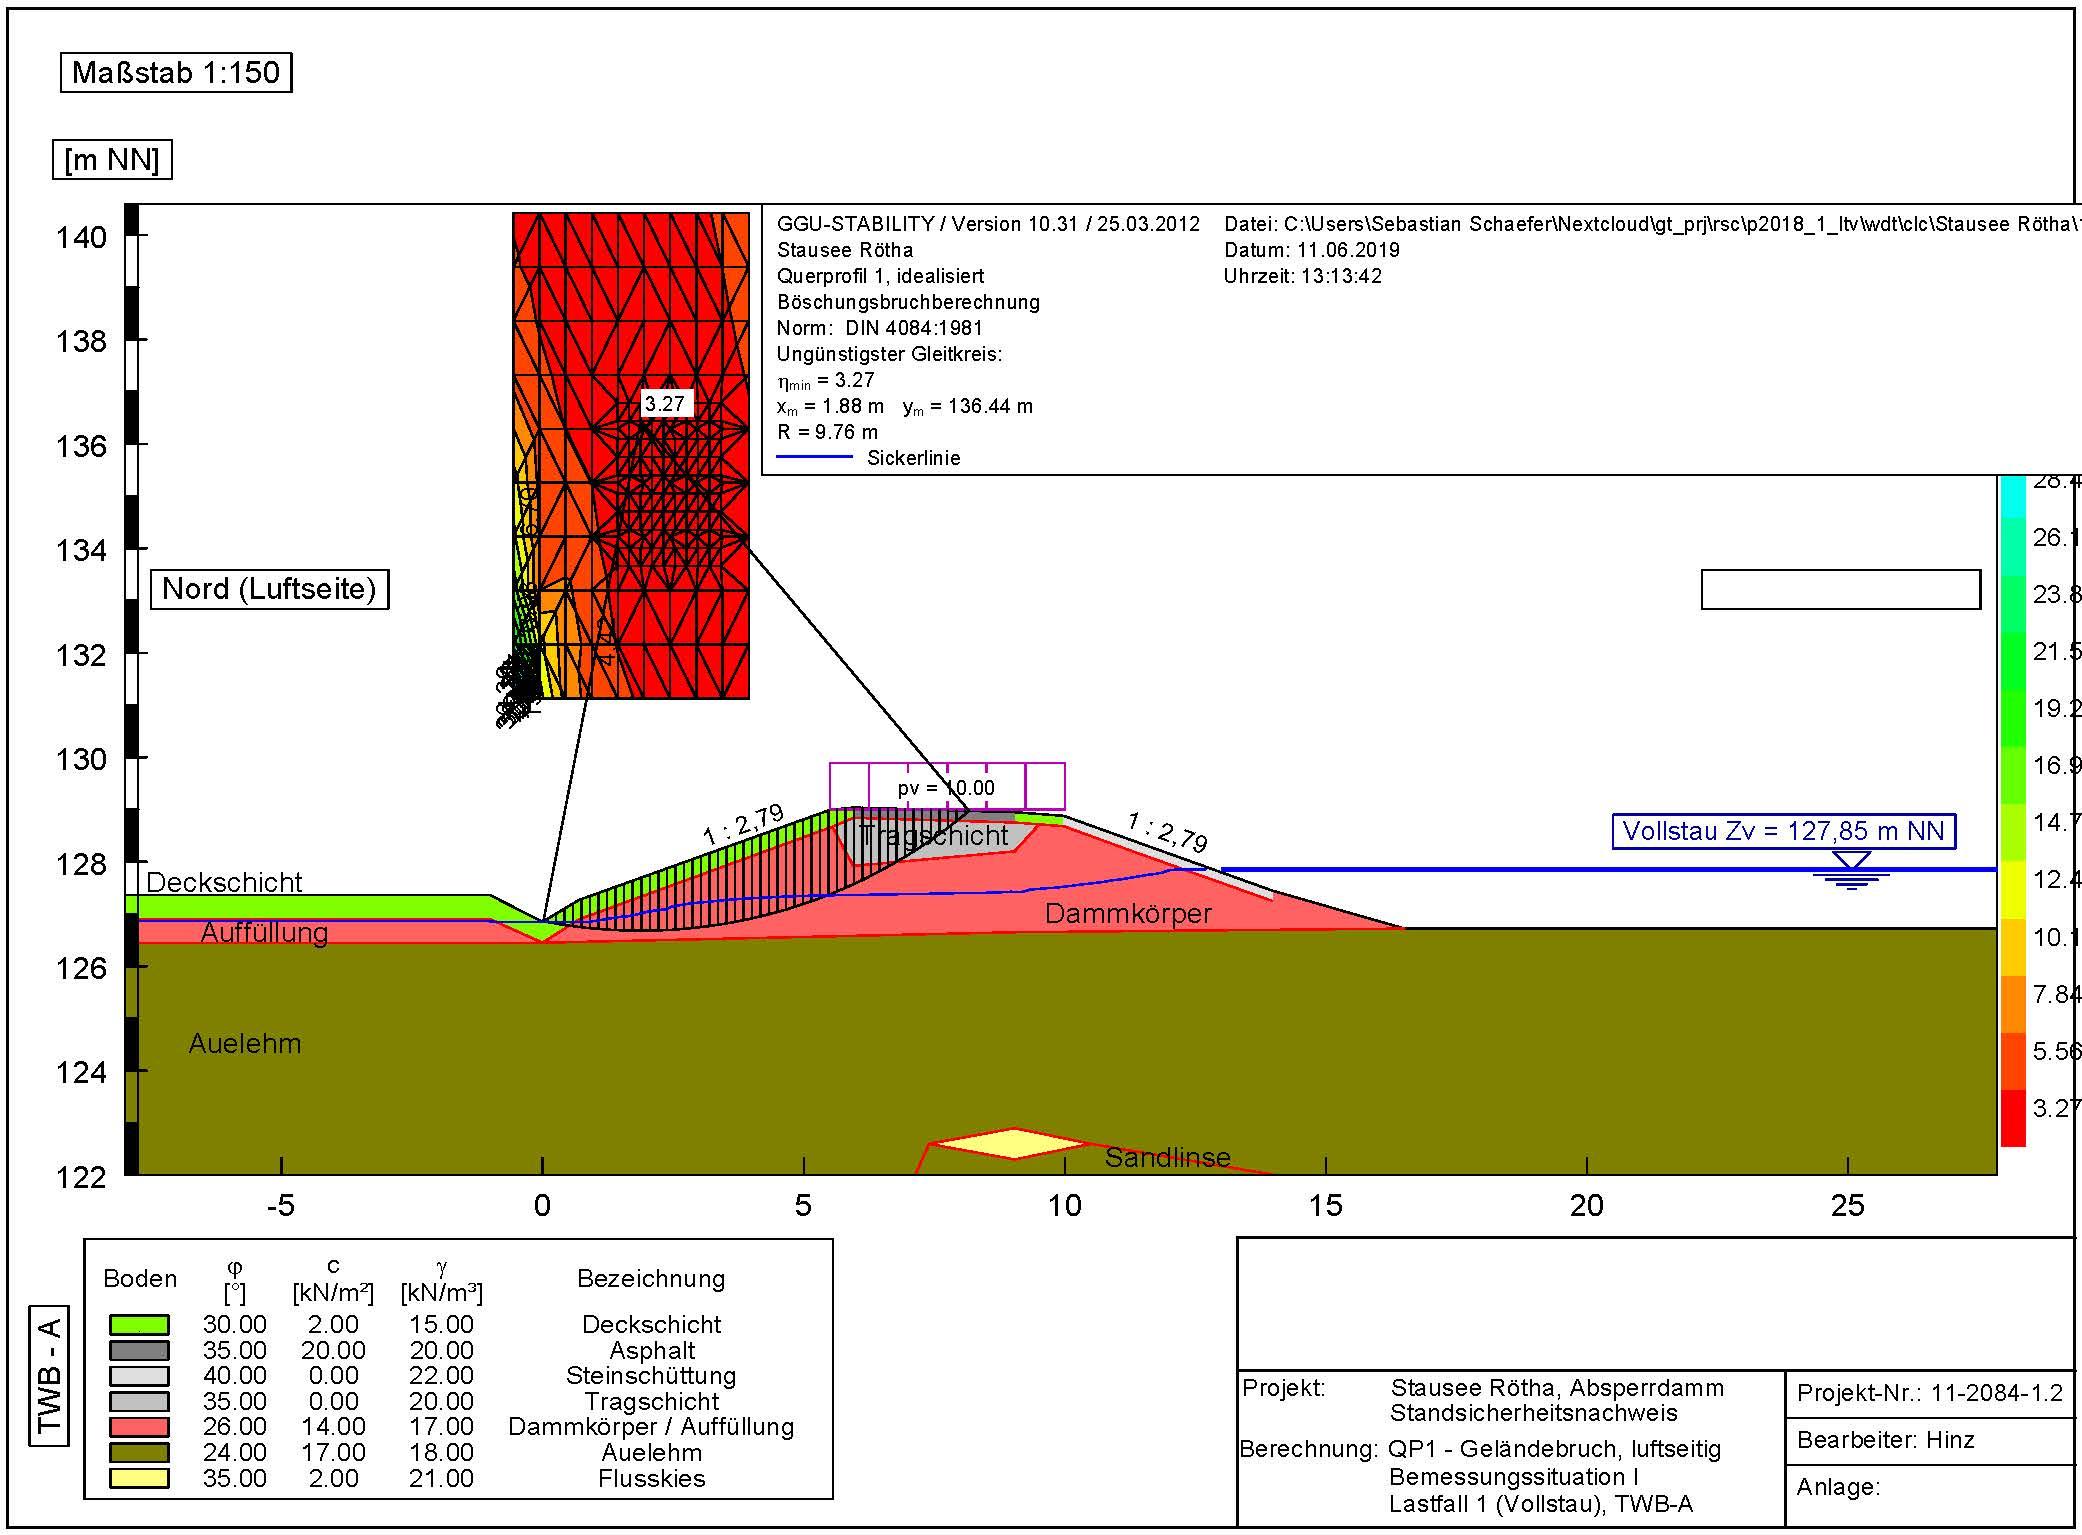 Entwicklung von Handlungsanweisungen zur Festlegung der charakteristischen Berechnungskennwerte für Standsicherheitsberechnungen an Staudämmen